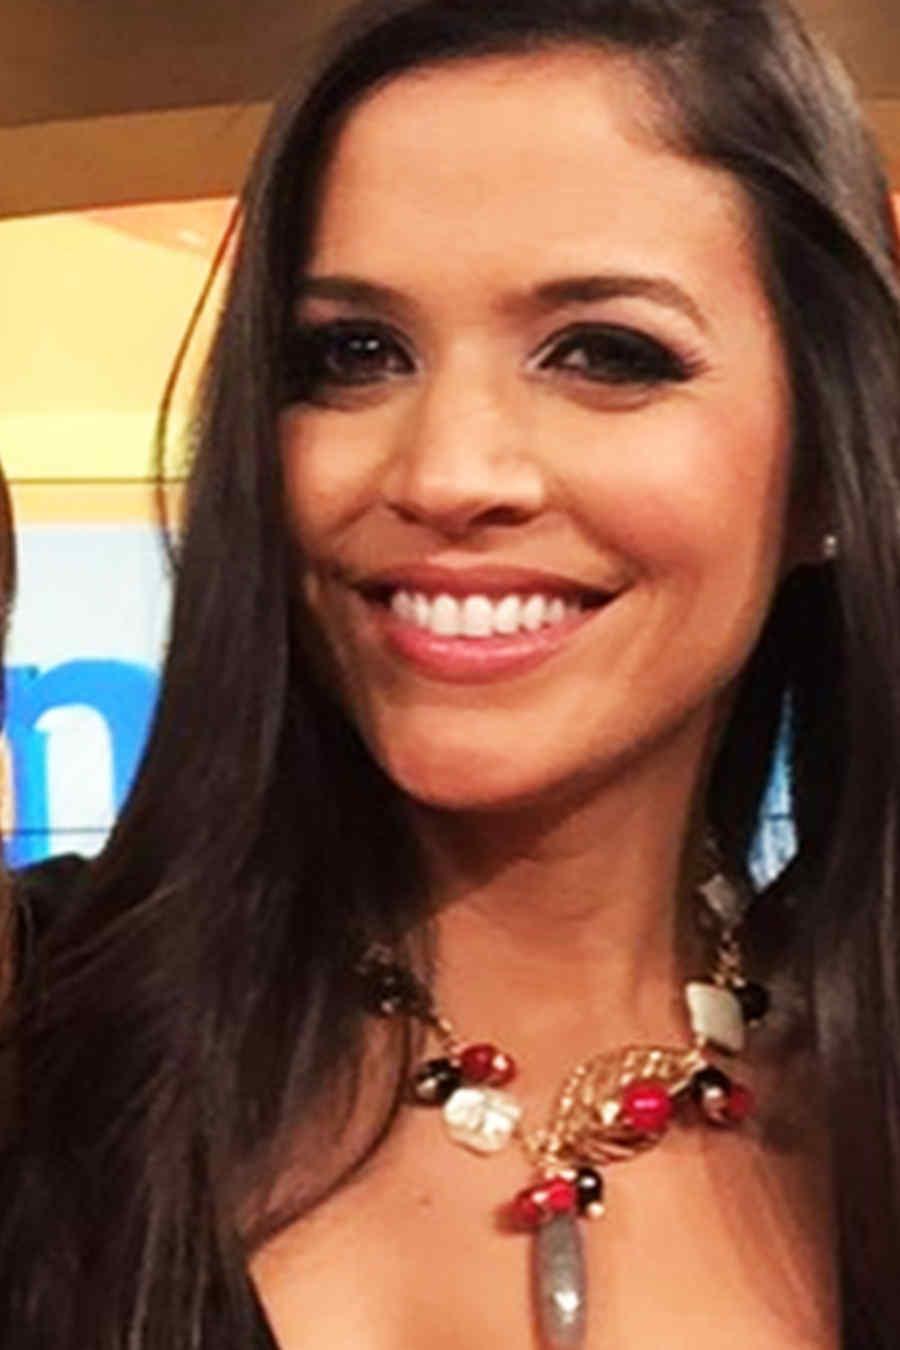 Telemundo novelas shows deportes y entretenimiento apexwallpapers